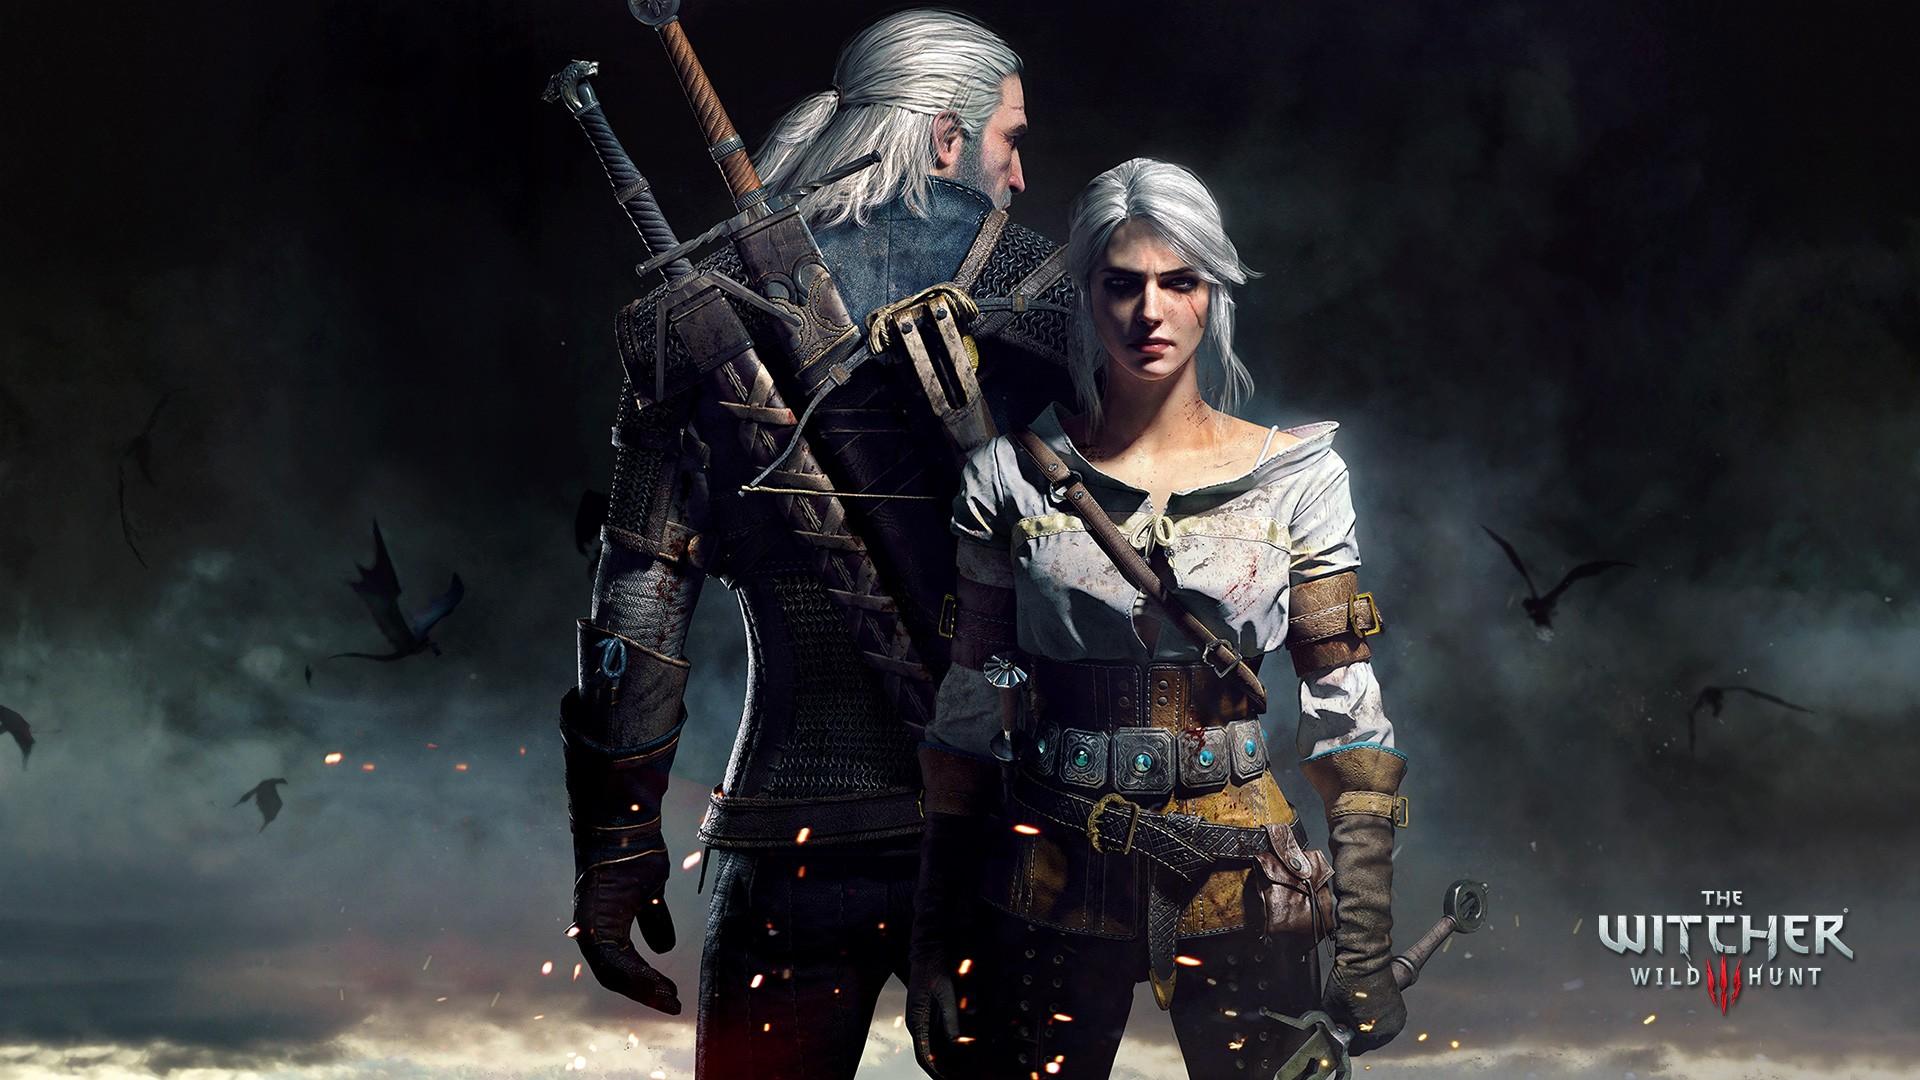 ยืนยัน! The Witcher 3 จะอัพเกรดฟรีสำหรับ PS5, Xbox Series X และ PC